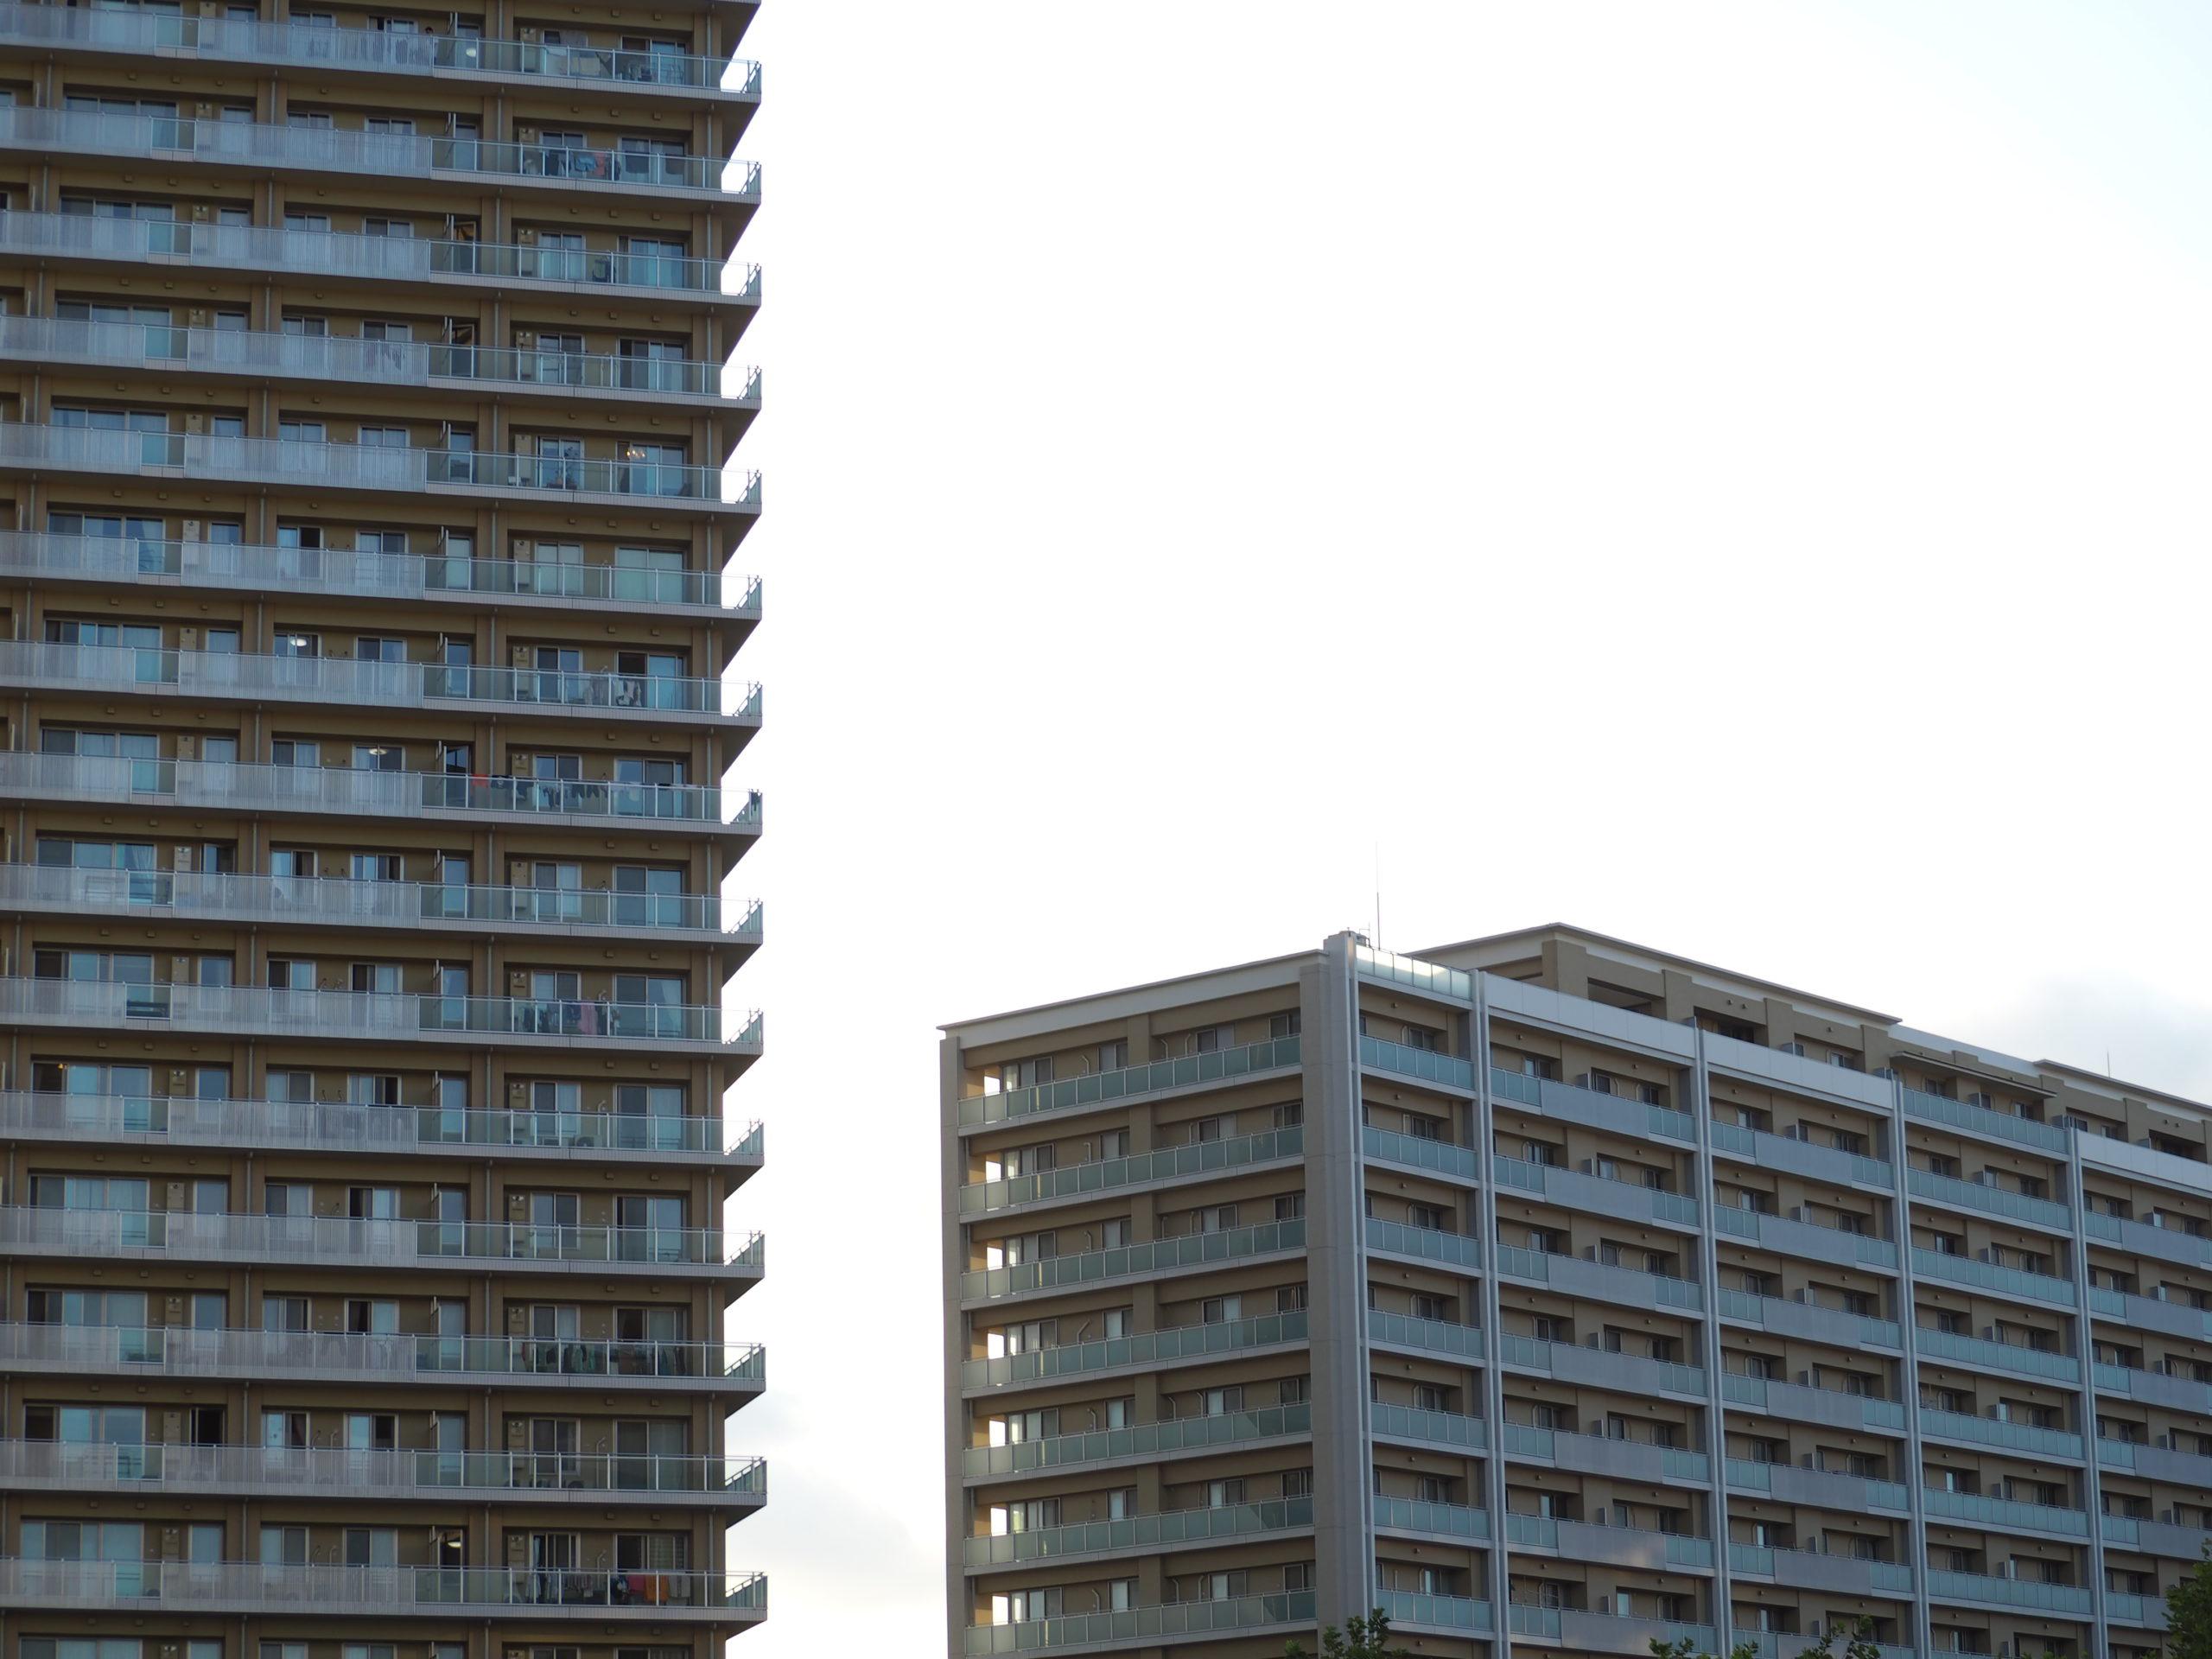 21年度の住宅着工、回復弱く80.2万戸の予測